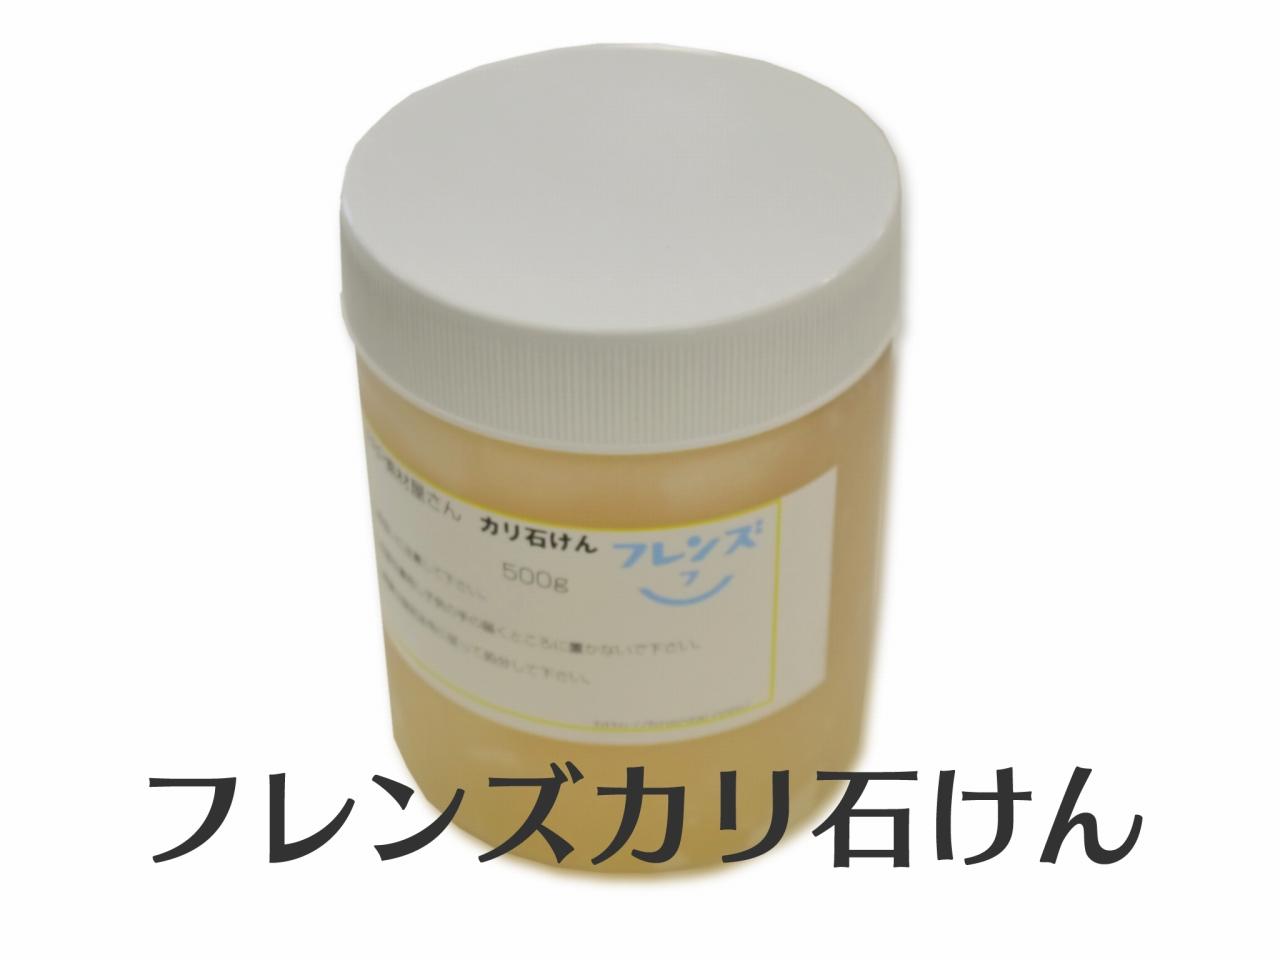 石膏用離型剤 カリ石鹸 加里セッケン 18kg 一斗缶